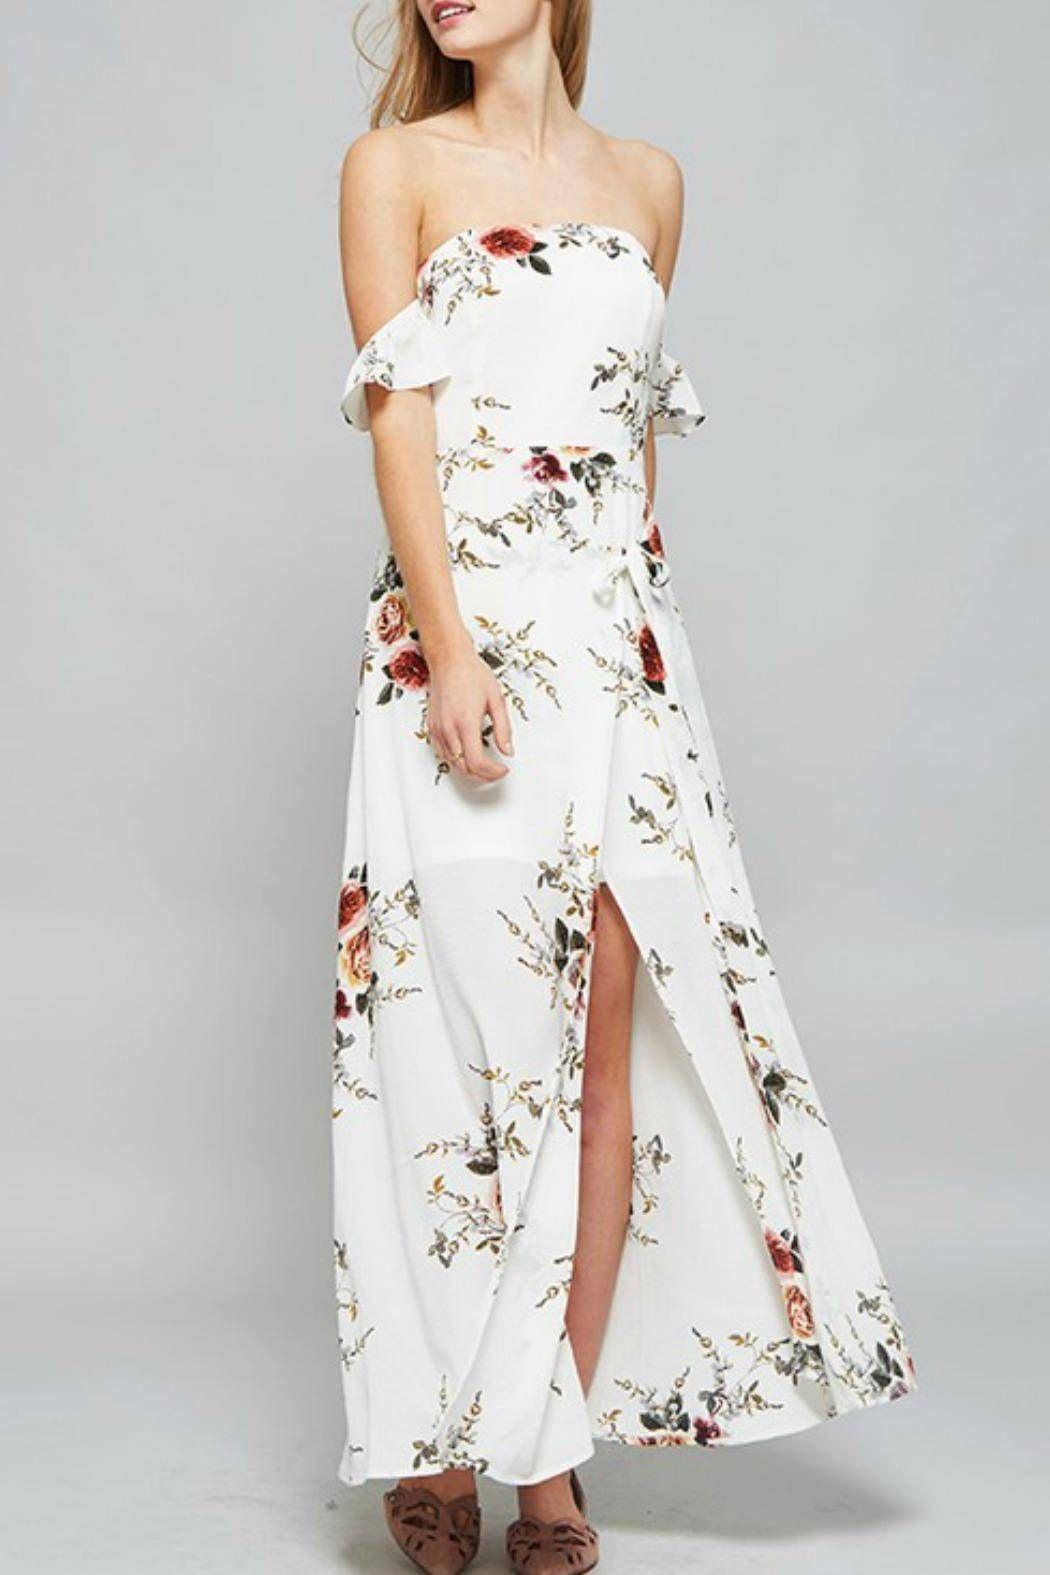 Floral maxi dress usa